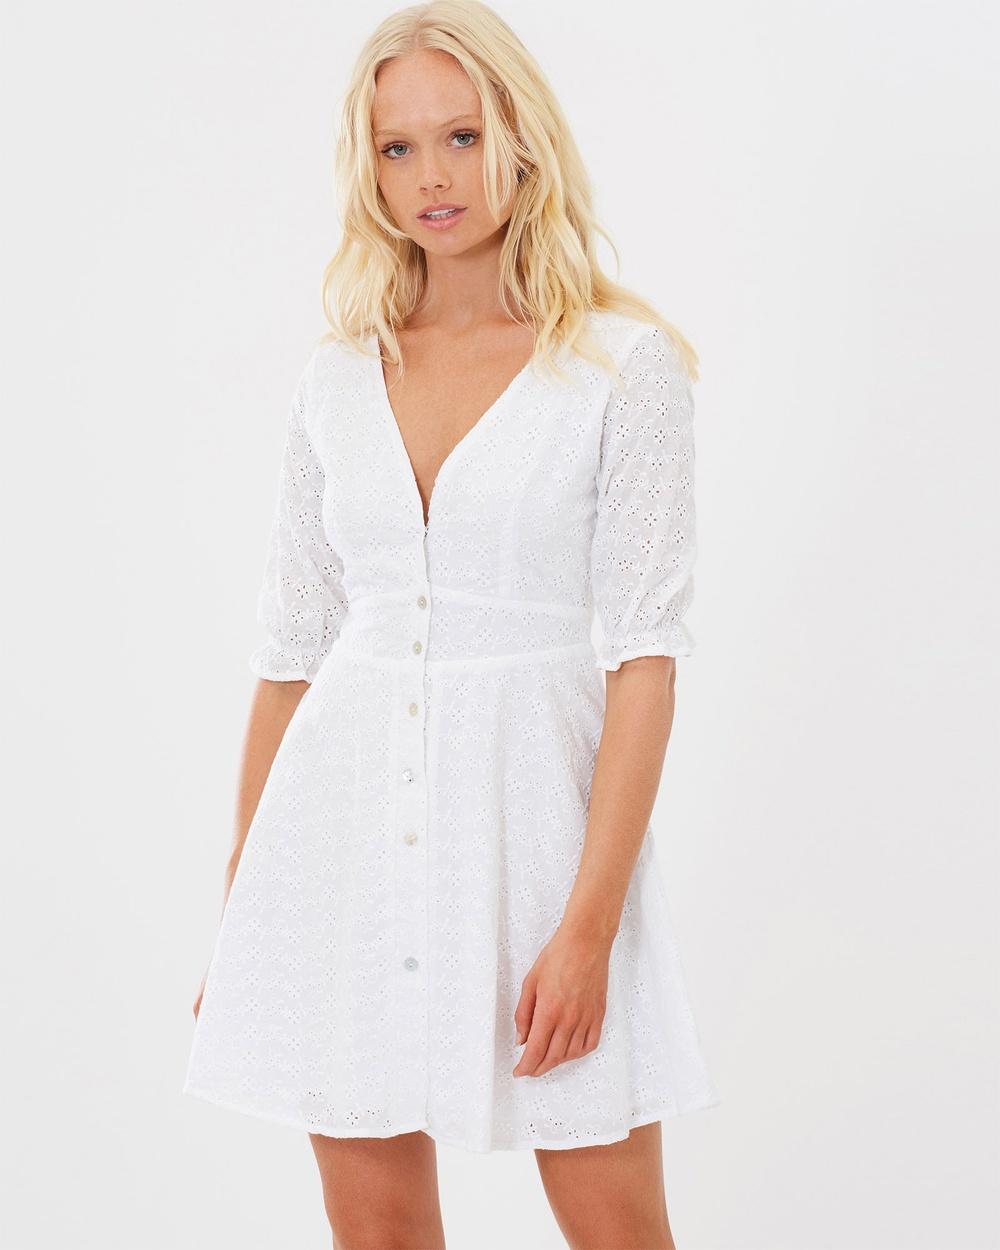 Charlie Holiday White Maison Eyelet Dress